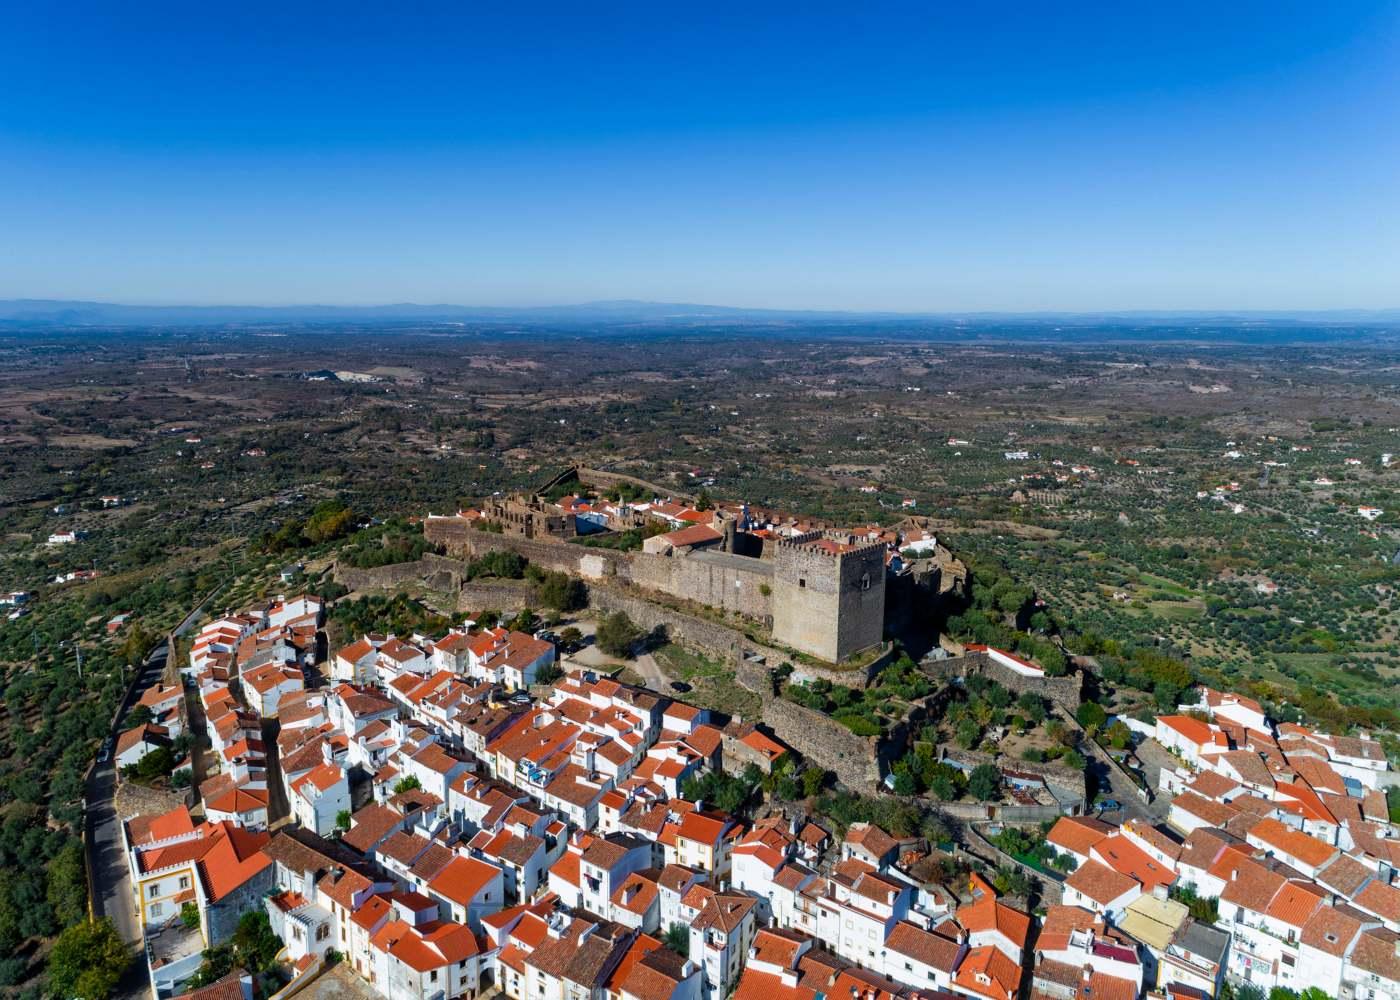 Castelo de Vide junto à serra de São Mamede